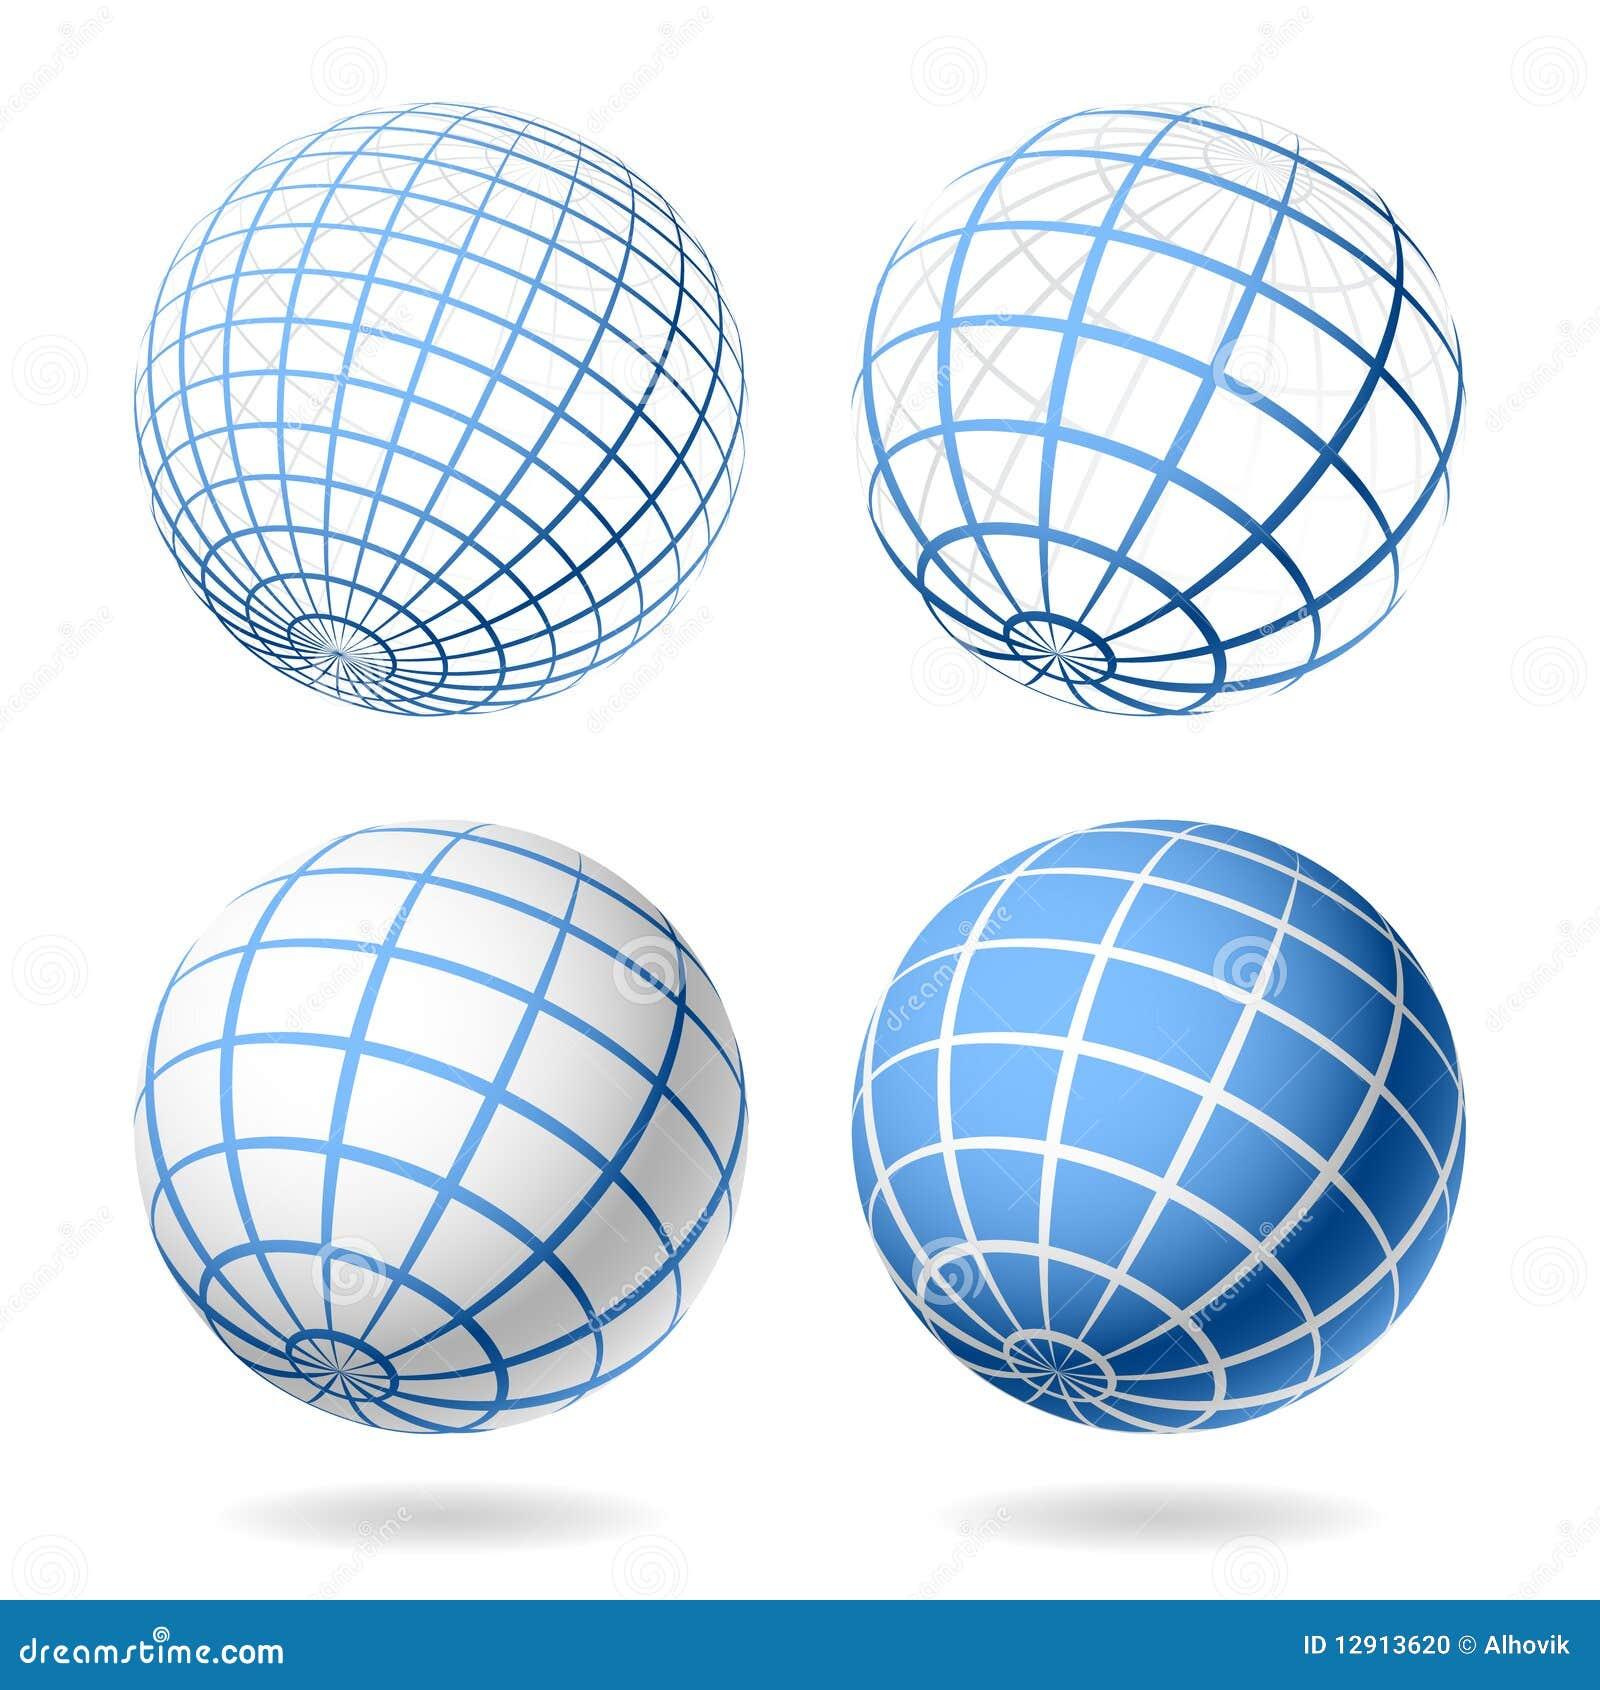 globe design elements stock photo image 12913620. Black Bedroom Furniture Sets. Home Design Ideas